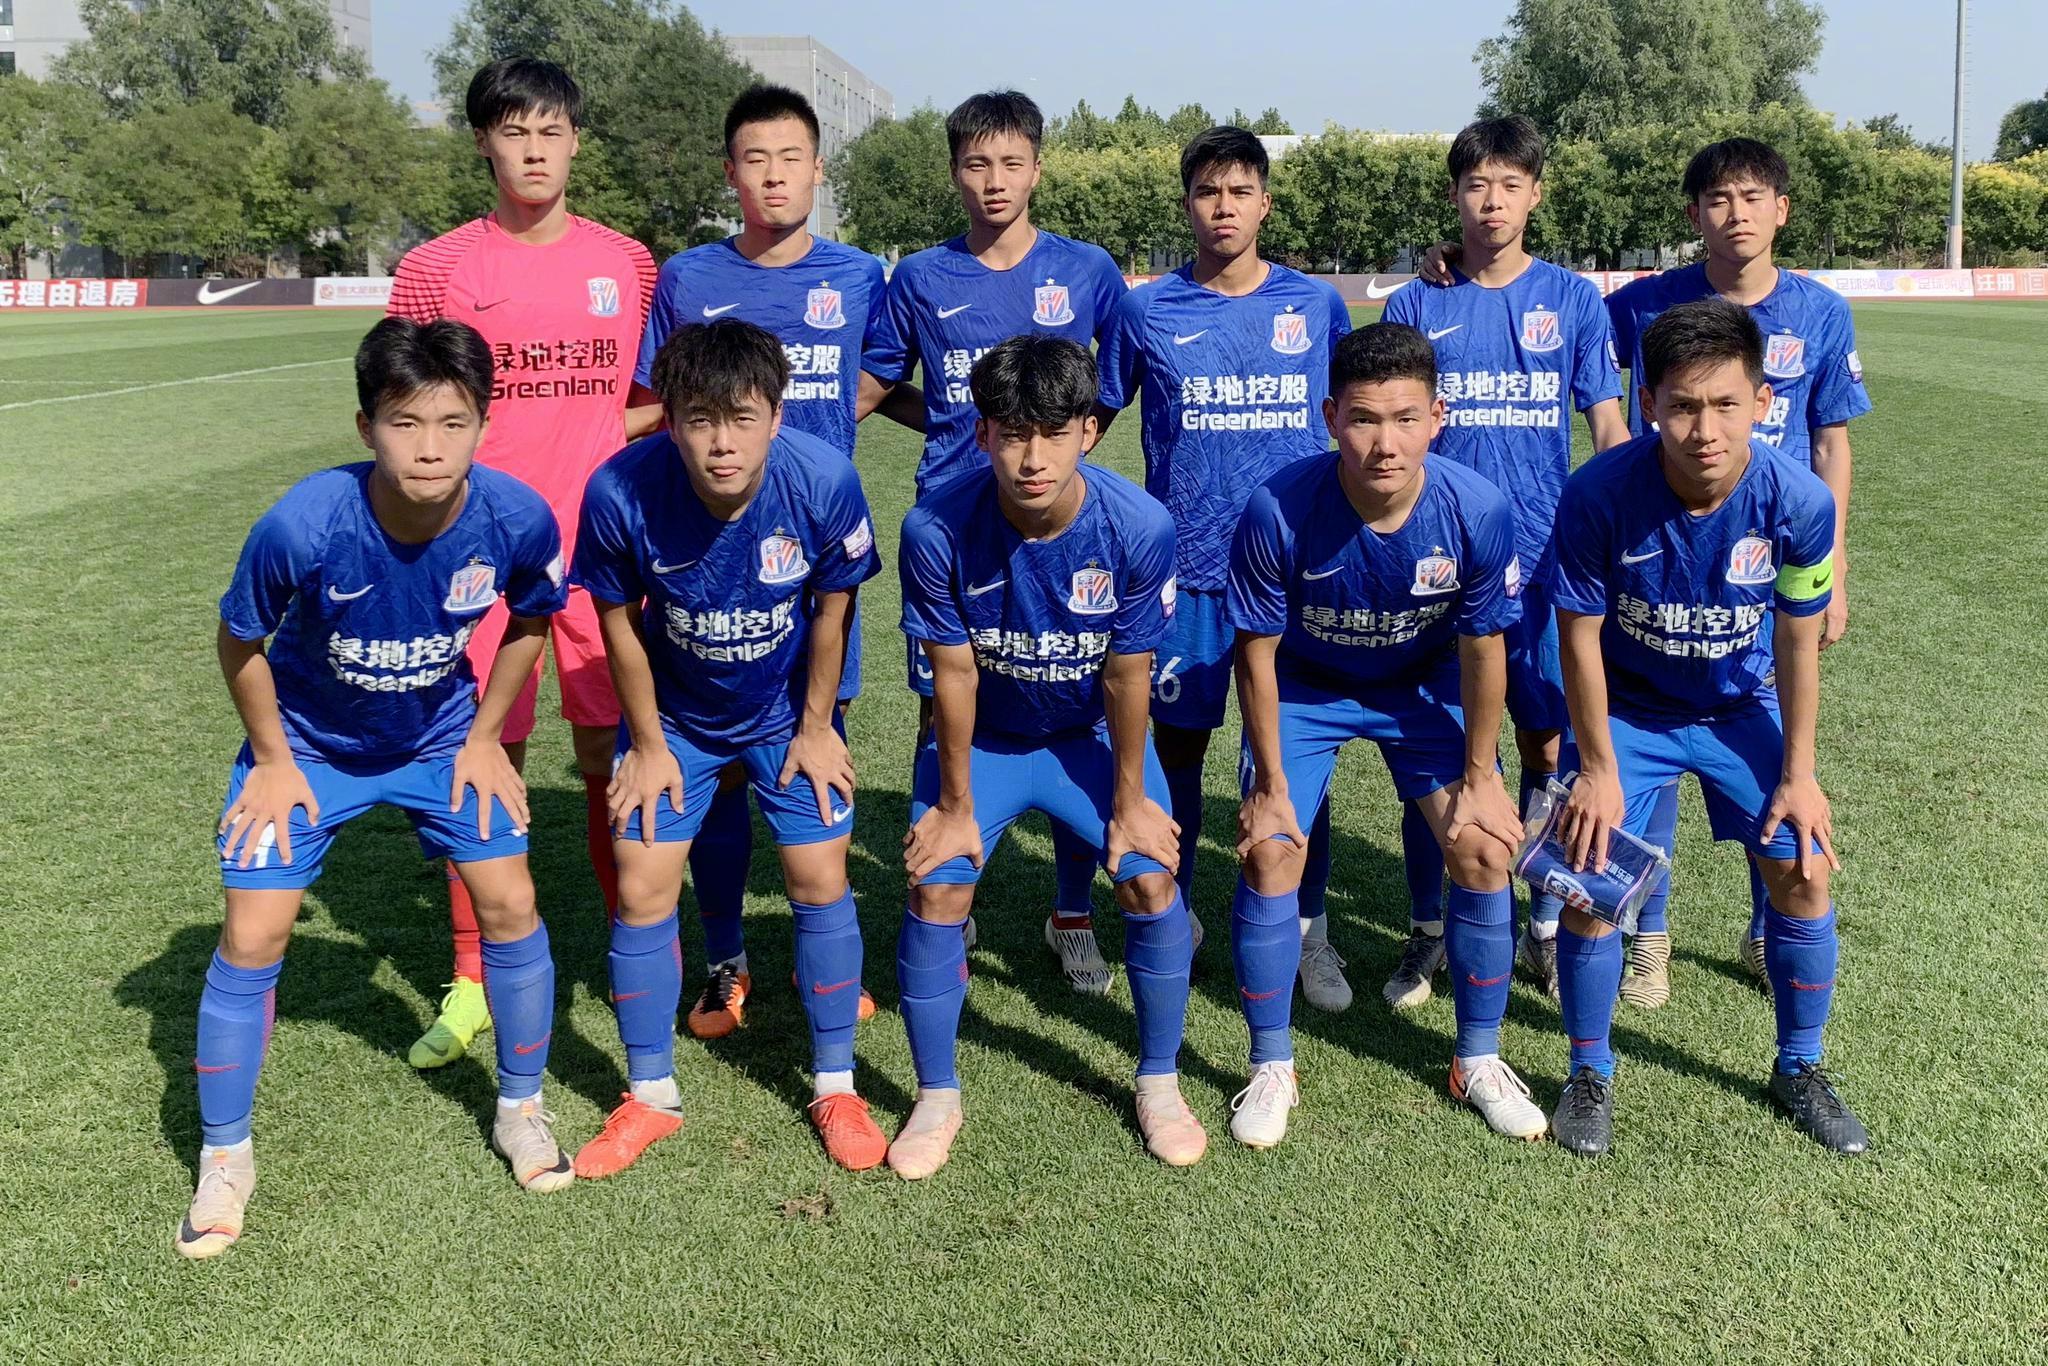 北京时间9月16日15:00,2019全国青超联赛U19(A组)第29轮